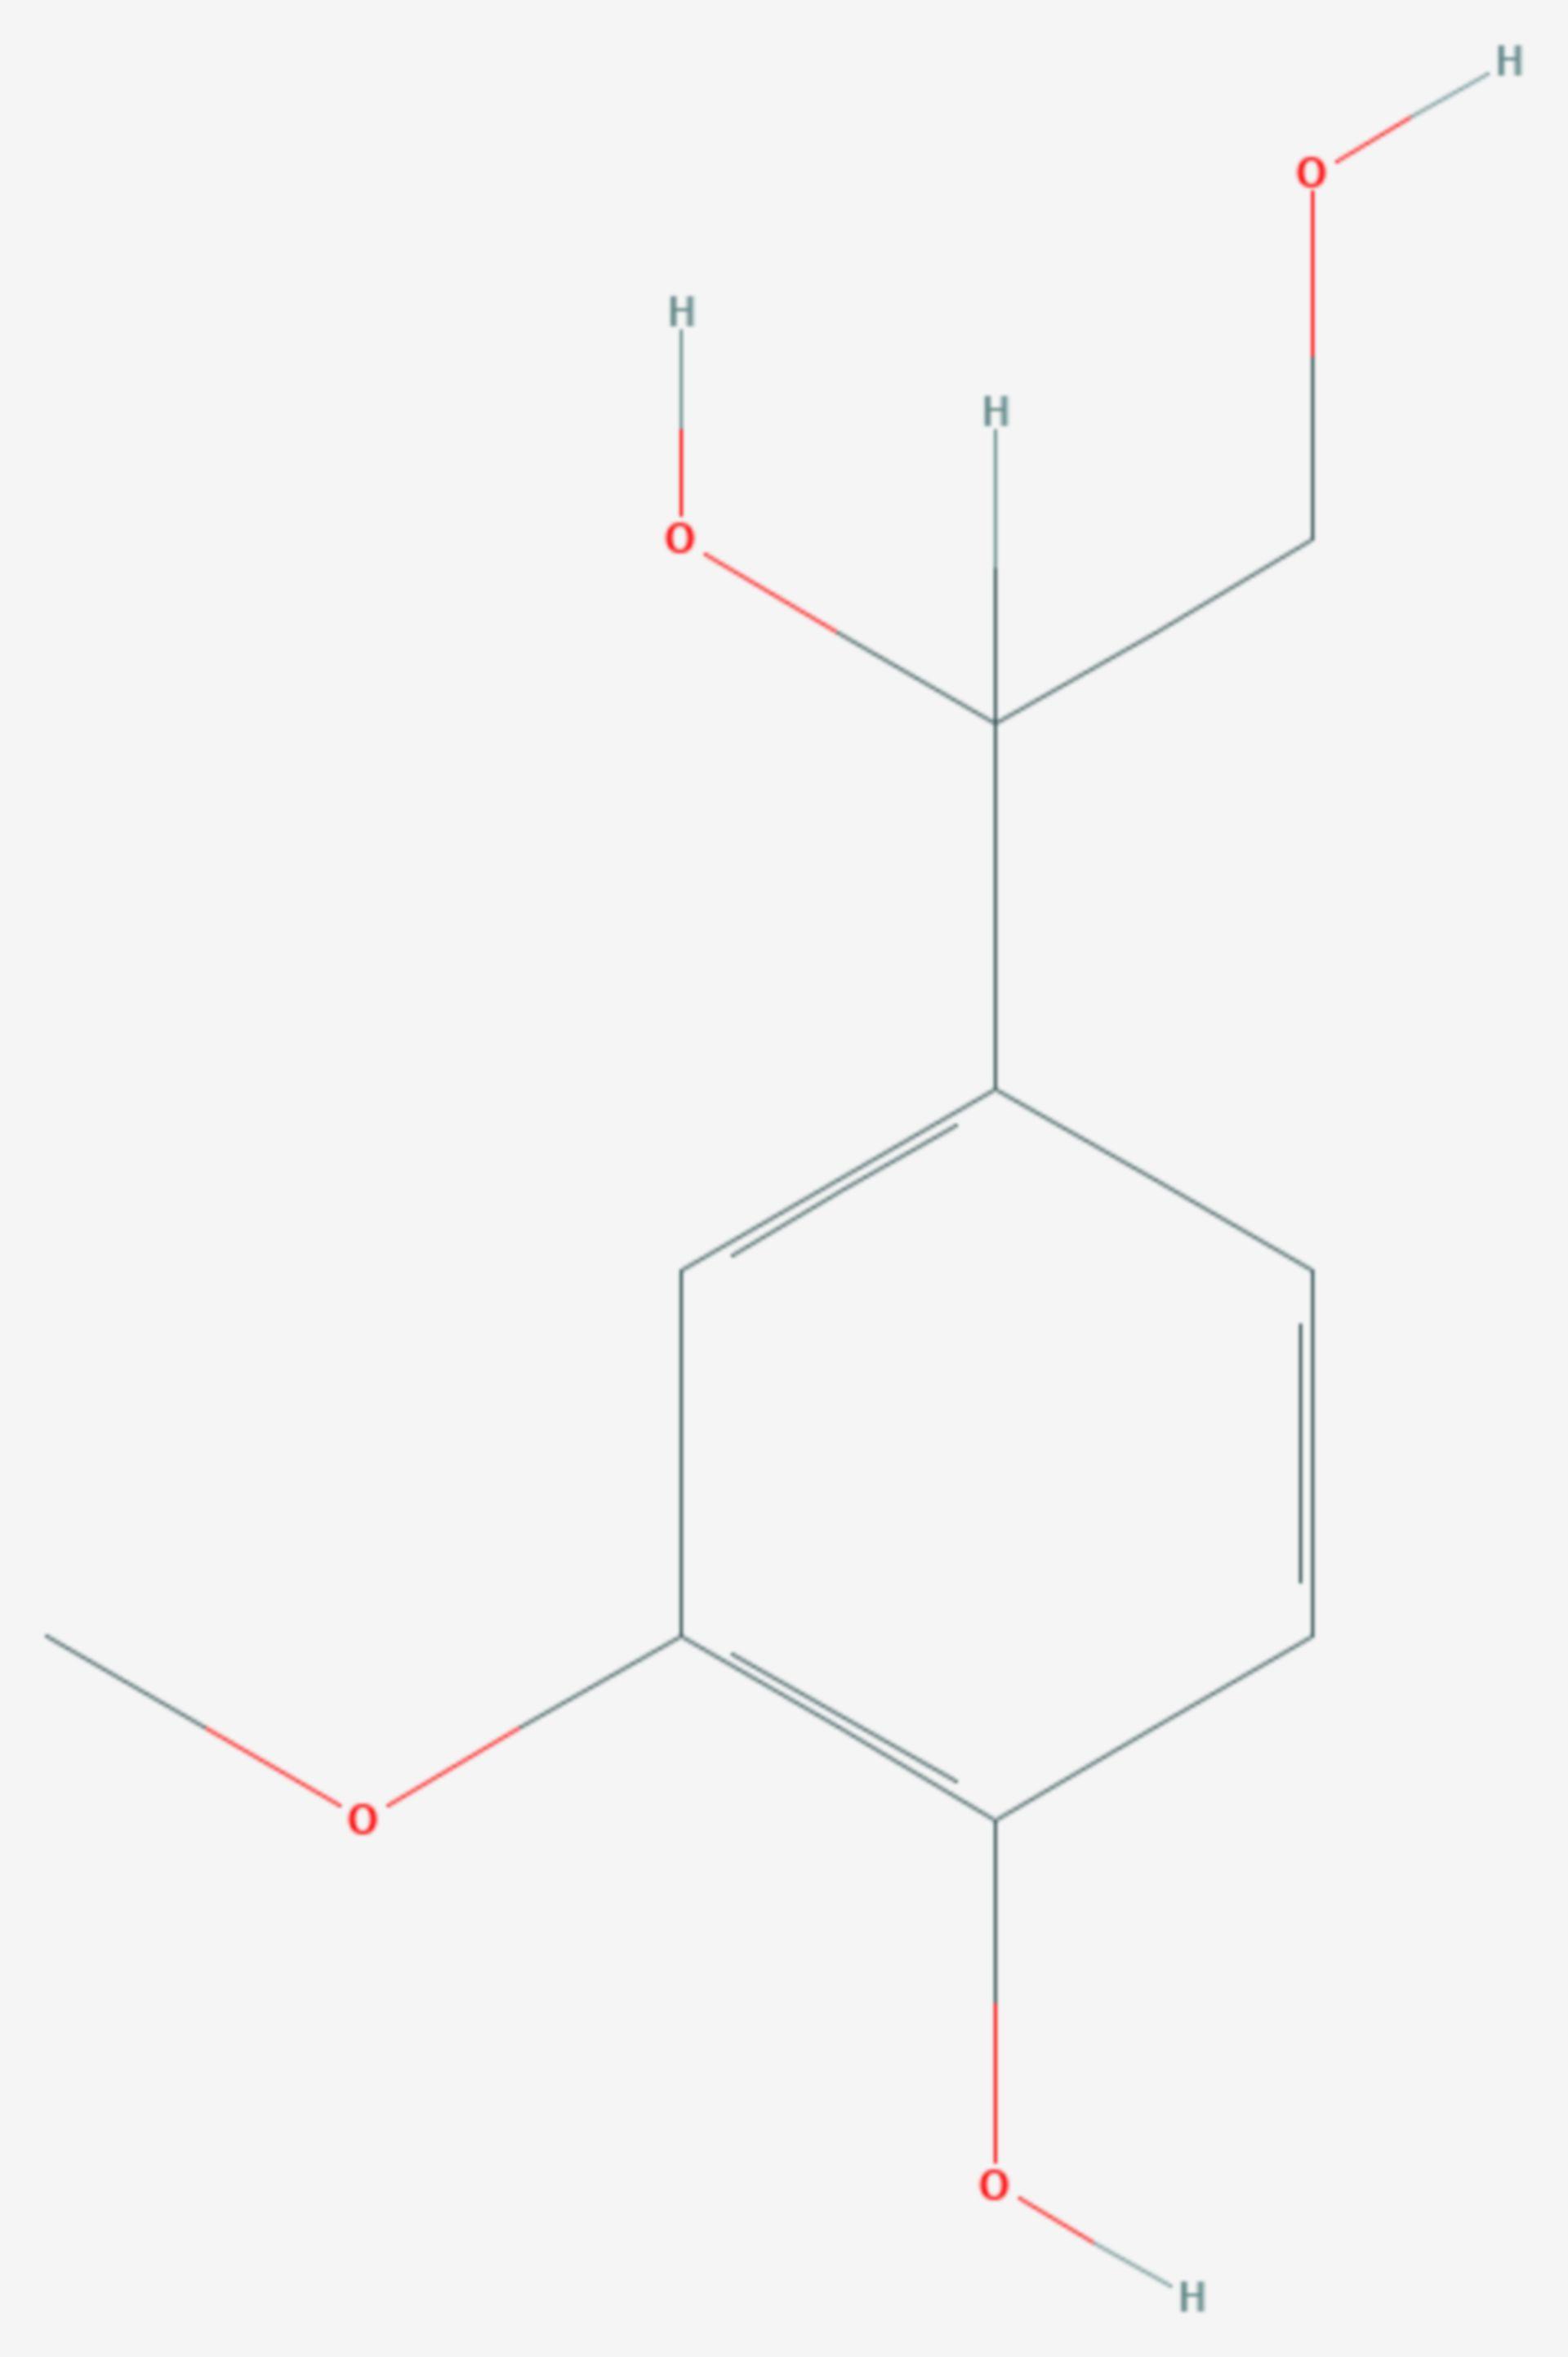 3-Methoxy-4-hydroxyphenylglycol (Strukturformel)